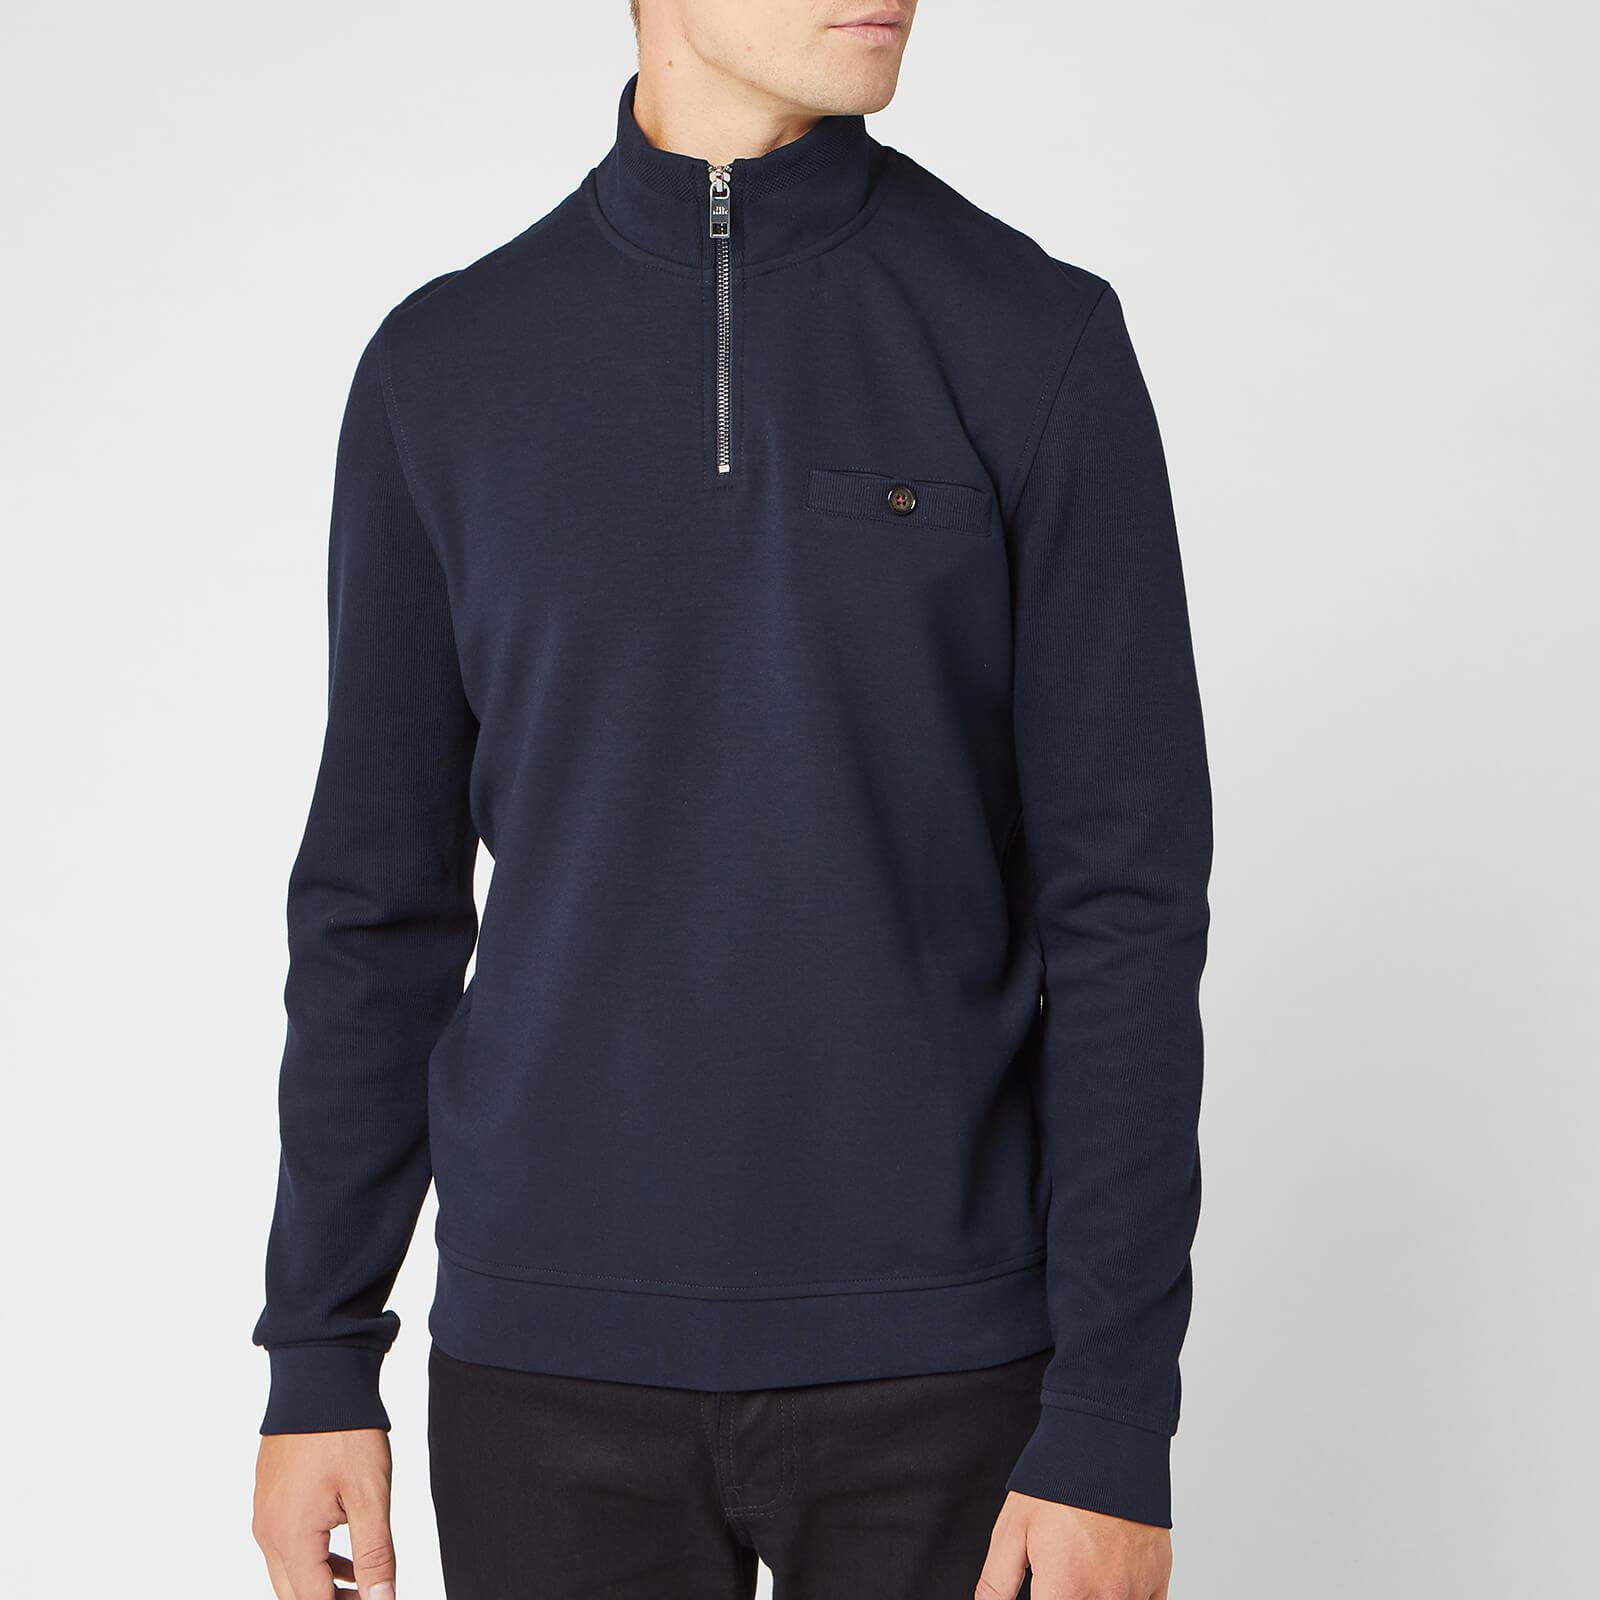 Ted Baker Men's Muggie Half Zip Funnel Neck Sweatshirt - Navy - XXL/6